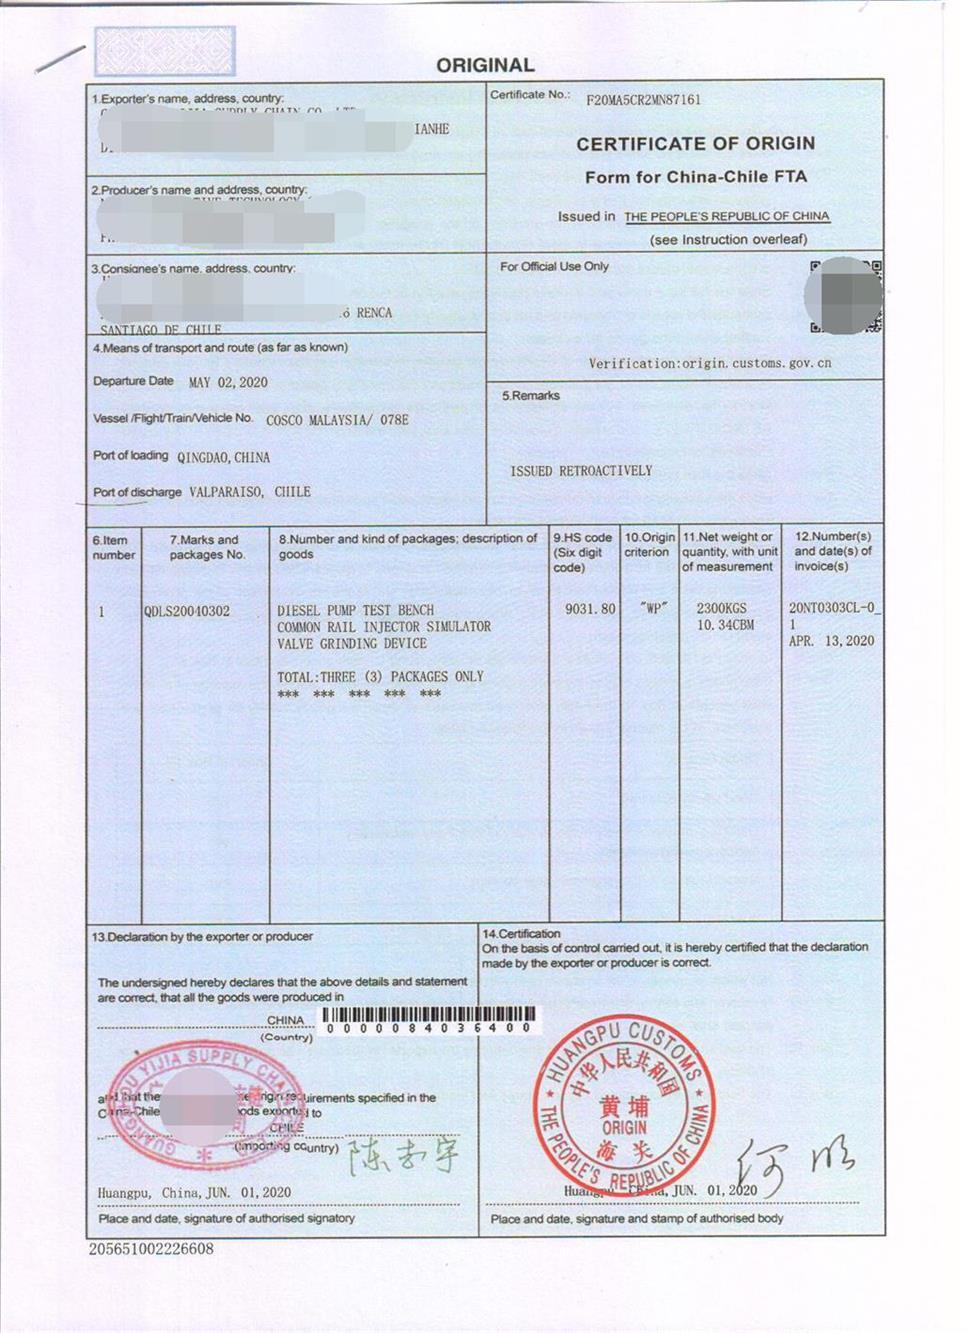 廣州辦理中智產地證價格 中國智利自貿區原產地證FORM F 加簽認證,需要什么資料